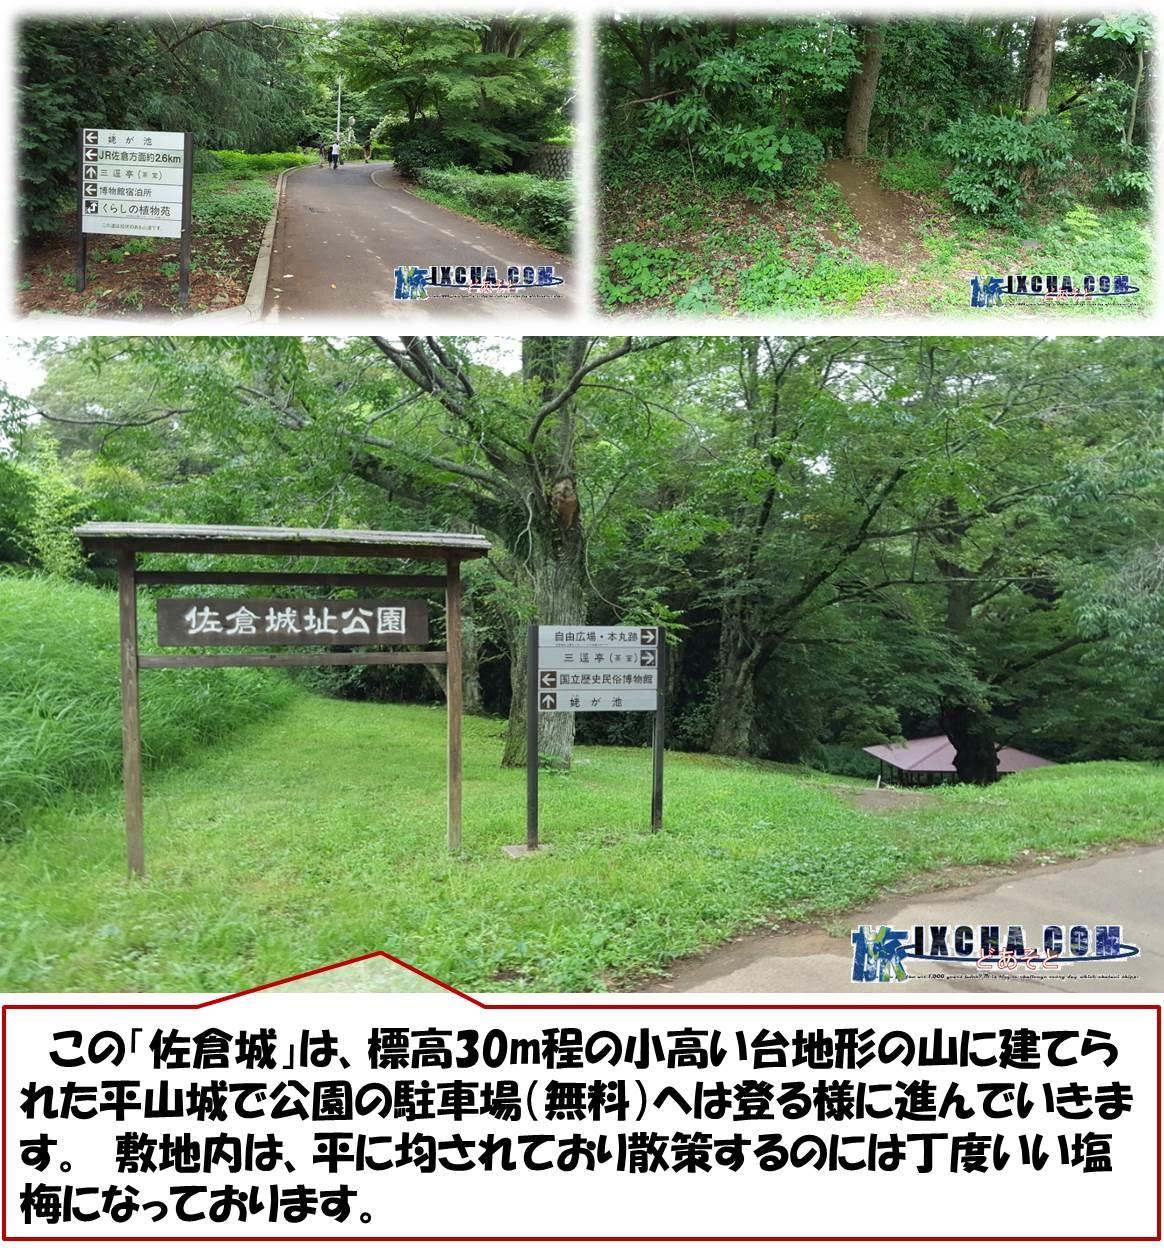 この「佐倉城」は、標高30m程の小高い台地形の山に建てられた平山城で公園の駐車場(無料)へは登る様に進んでいきます。 敷地内は、平に均されており散策するのには丁度いい塩梅になっております。